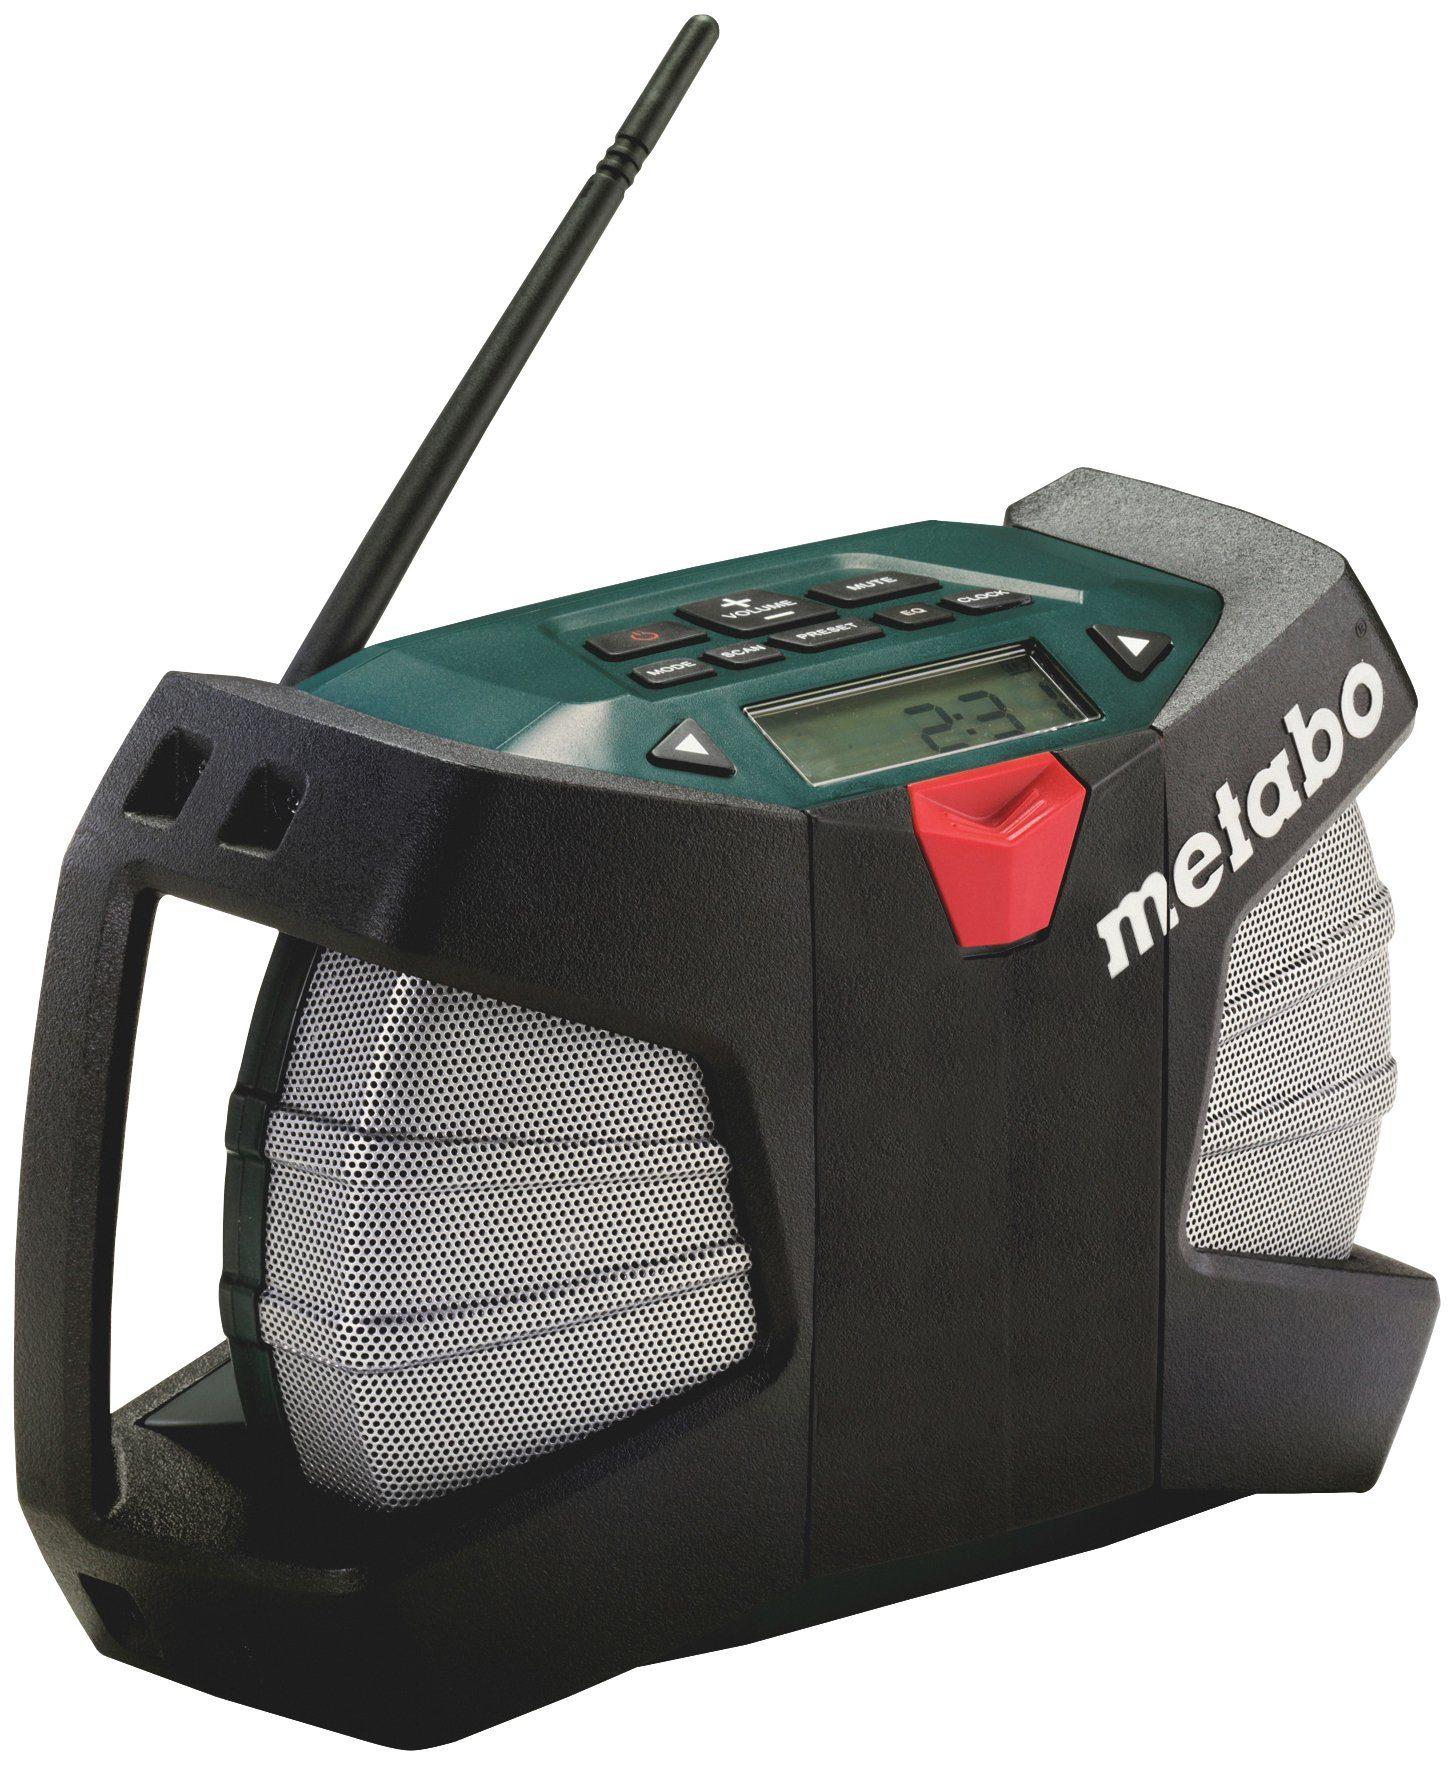 Metabo Baustellenradio »PowerMaxx«